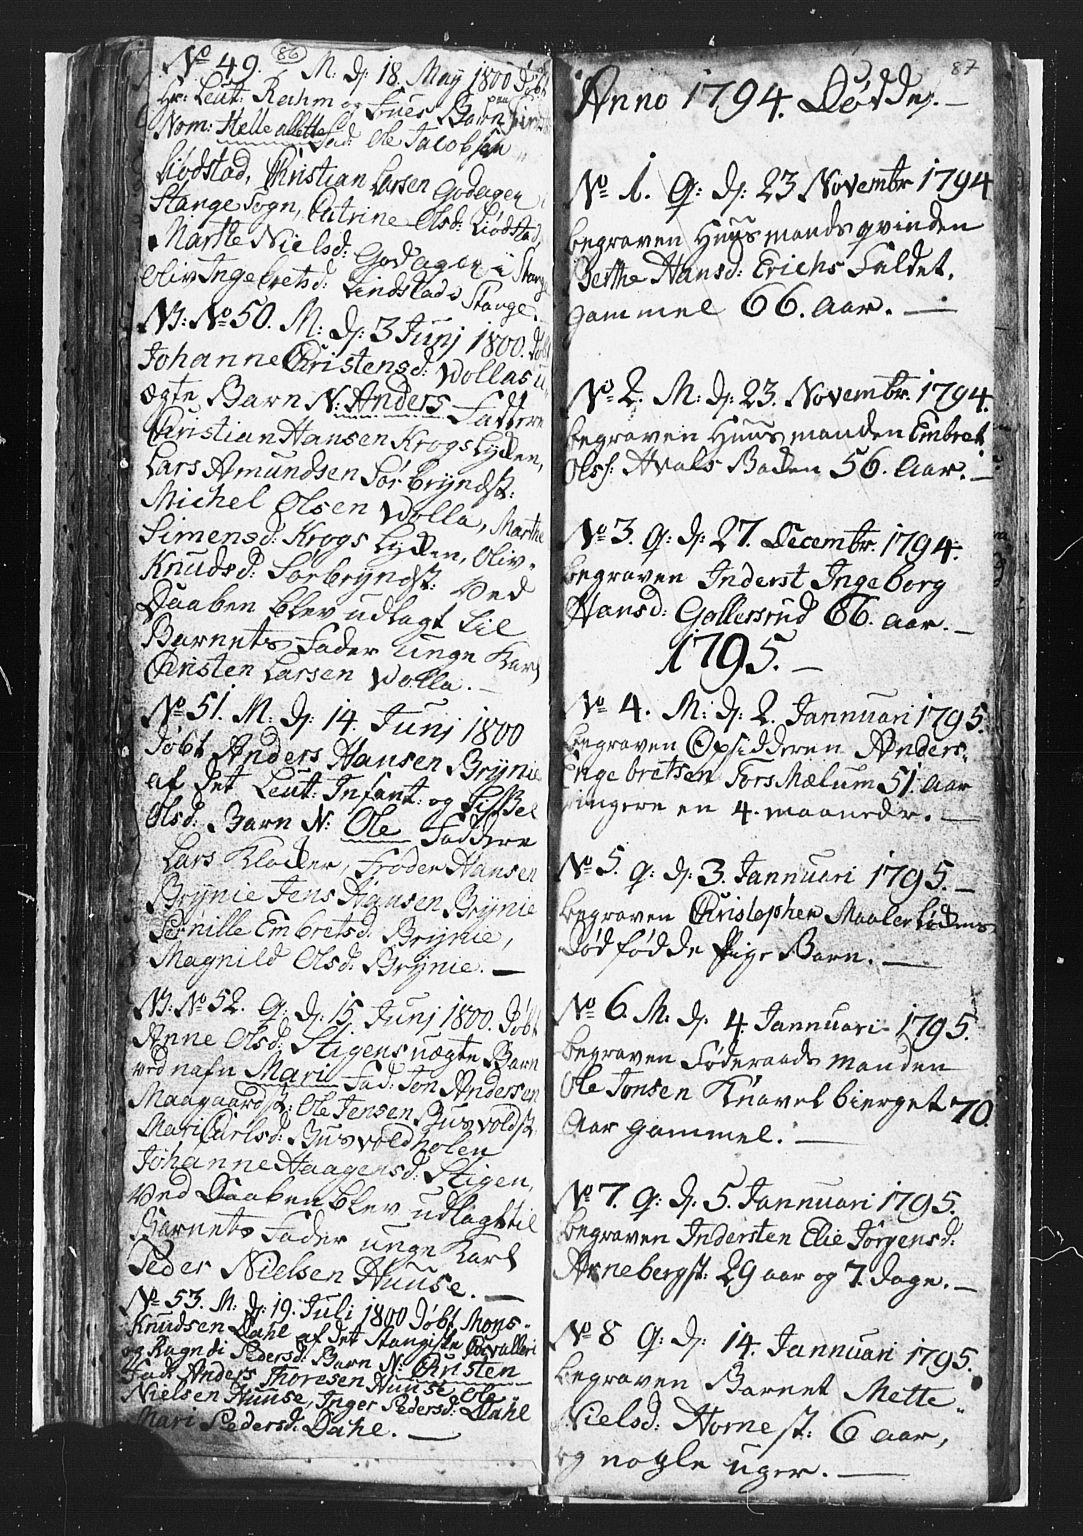 SAH, Romedal prestekontor, L/L0002: Klokkerbok nr. 2, 1795-1800, s. 86-87